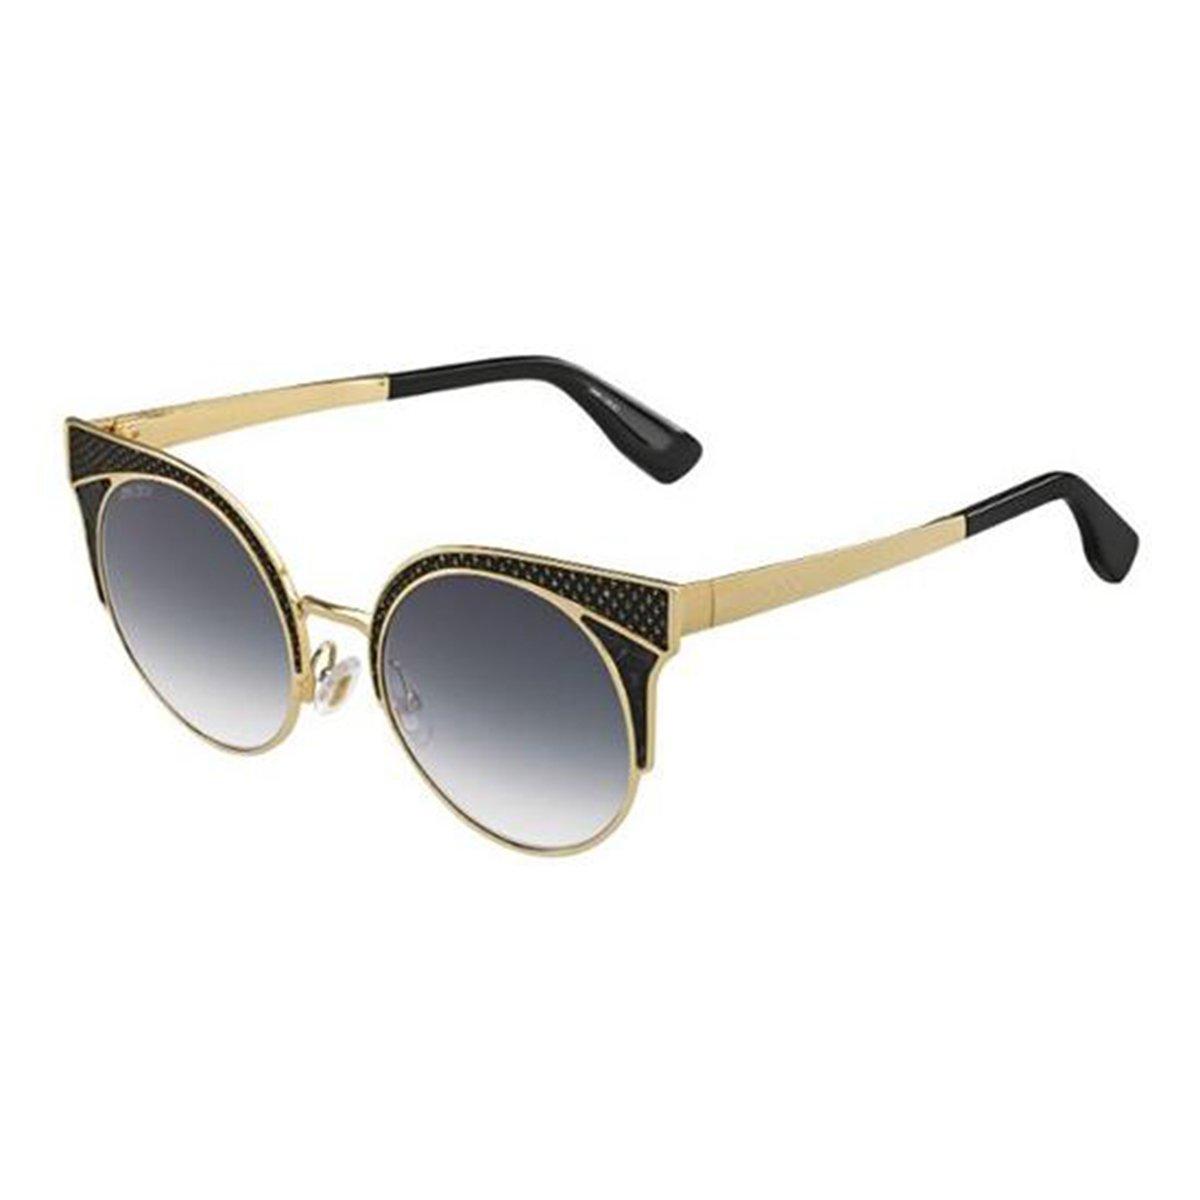 911068b15 Compre Óculos de Sol Jimmy Choo Ora em 10X | Tri-Jóia Shop